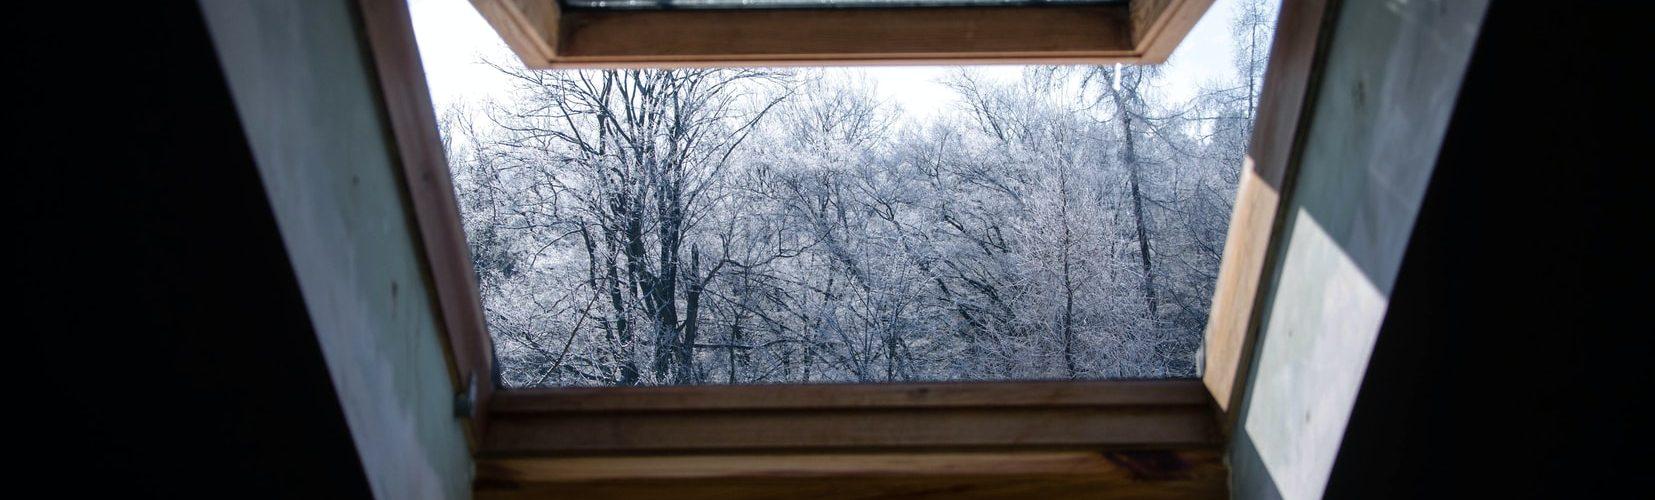 dakraam-winter